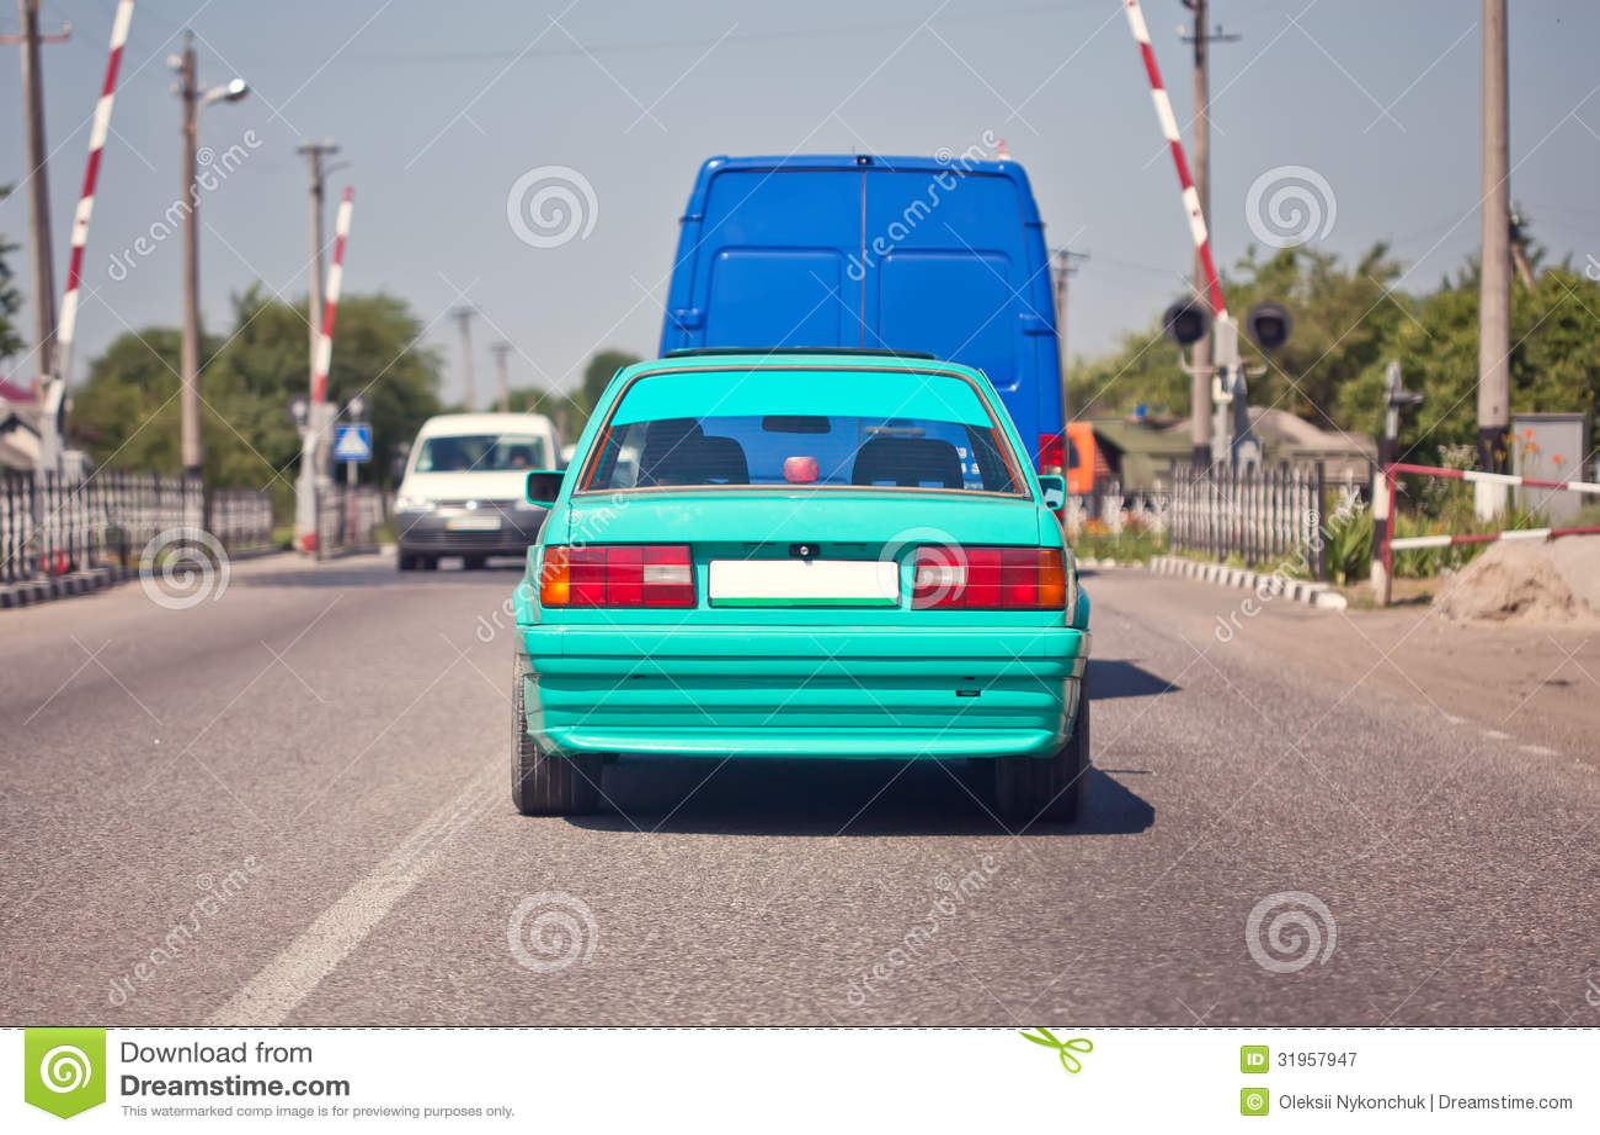 vieille voiture de sport verte photographie stock libre de droits image 31957947. Black Bedroom Furniture Sets. Home Design Ideas